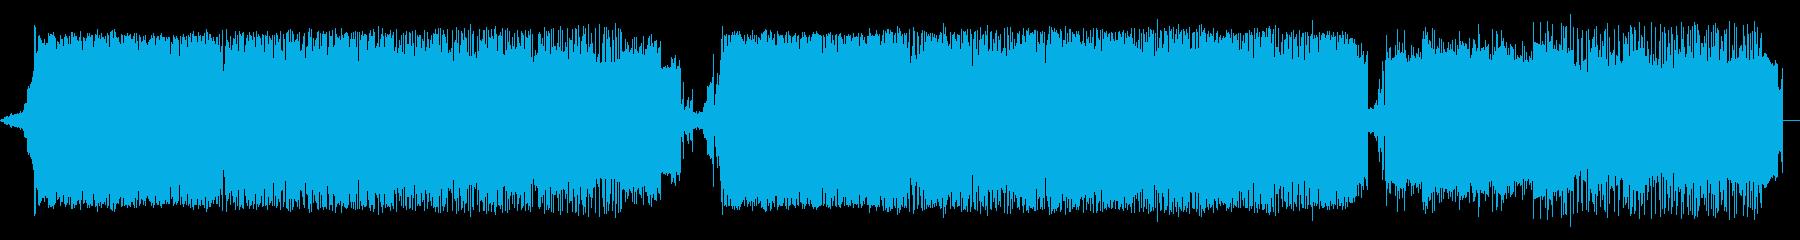 暖かく前向きな雰囲気のあるグルーヴの再生済みの波形